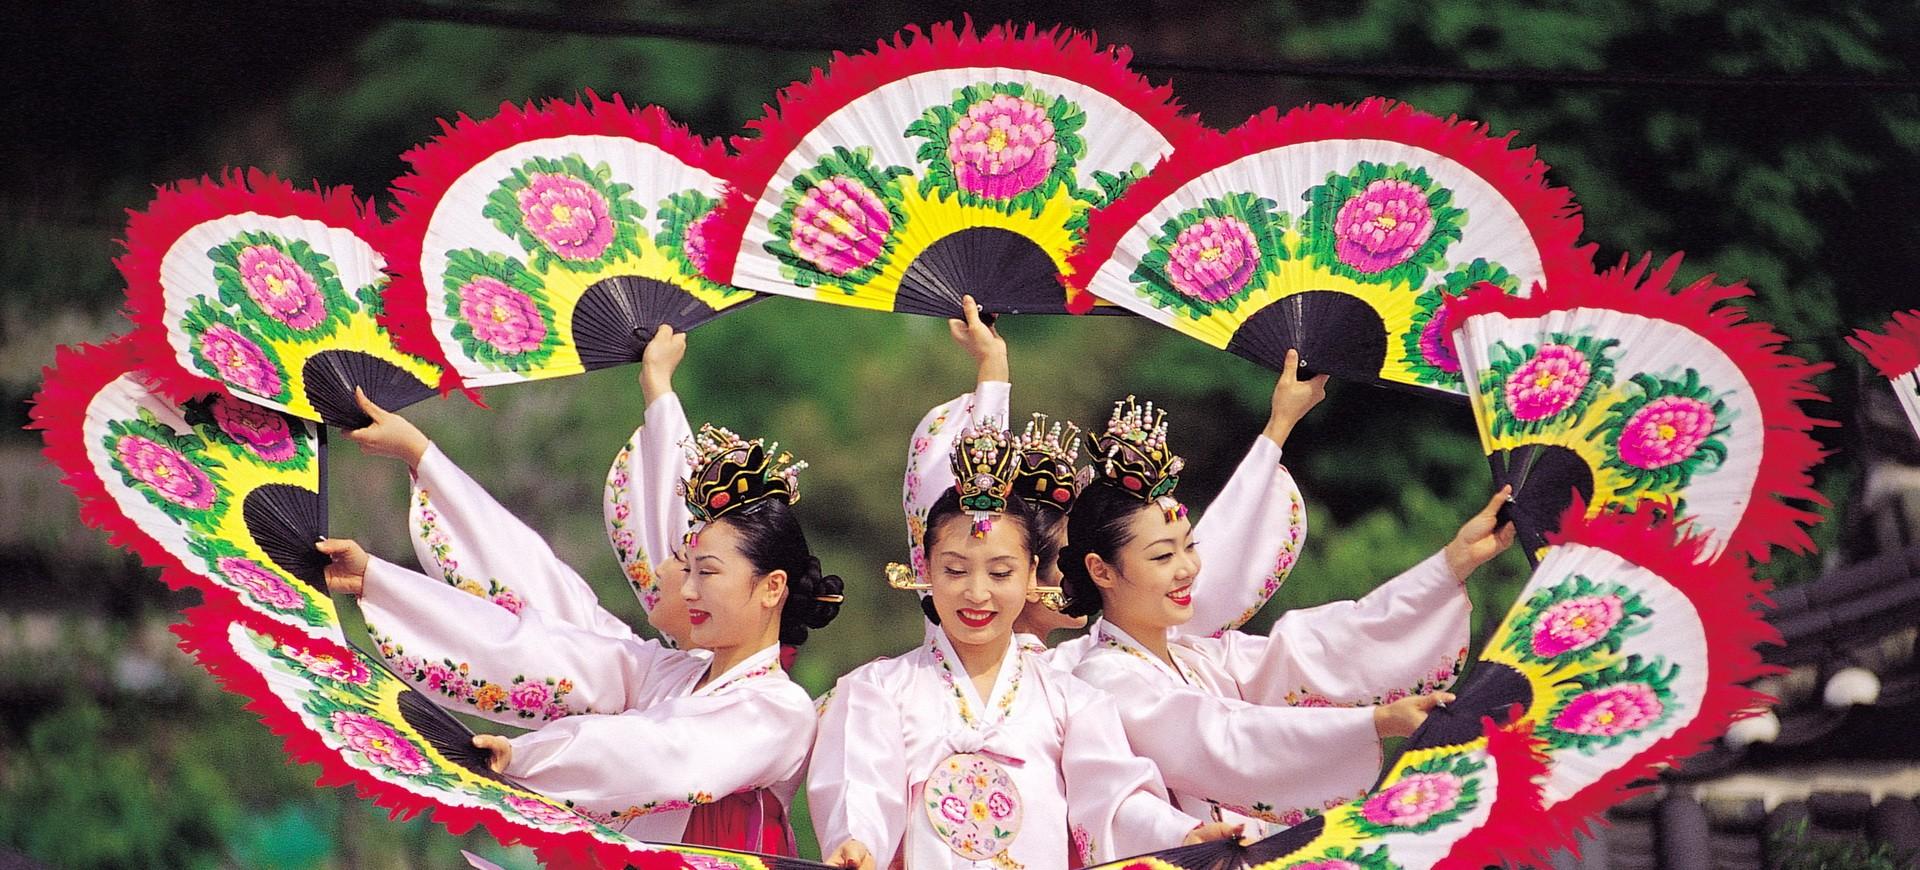 Danse traditionnelle en Corée du Sud